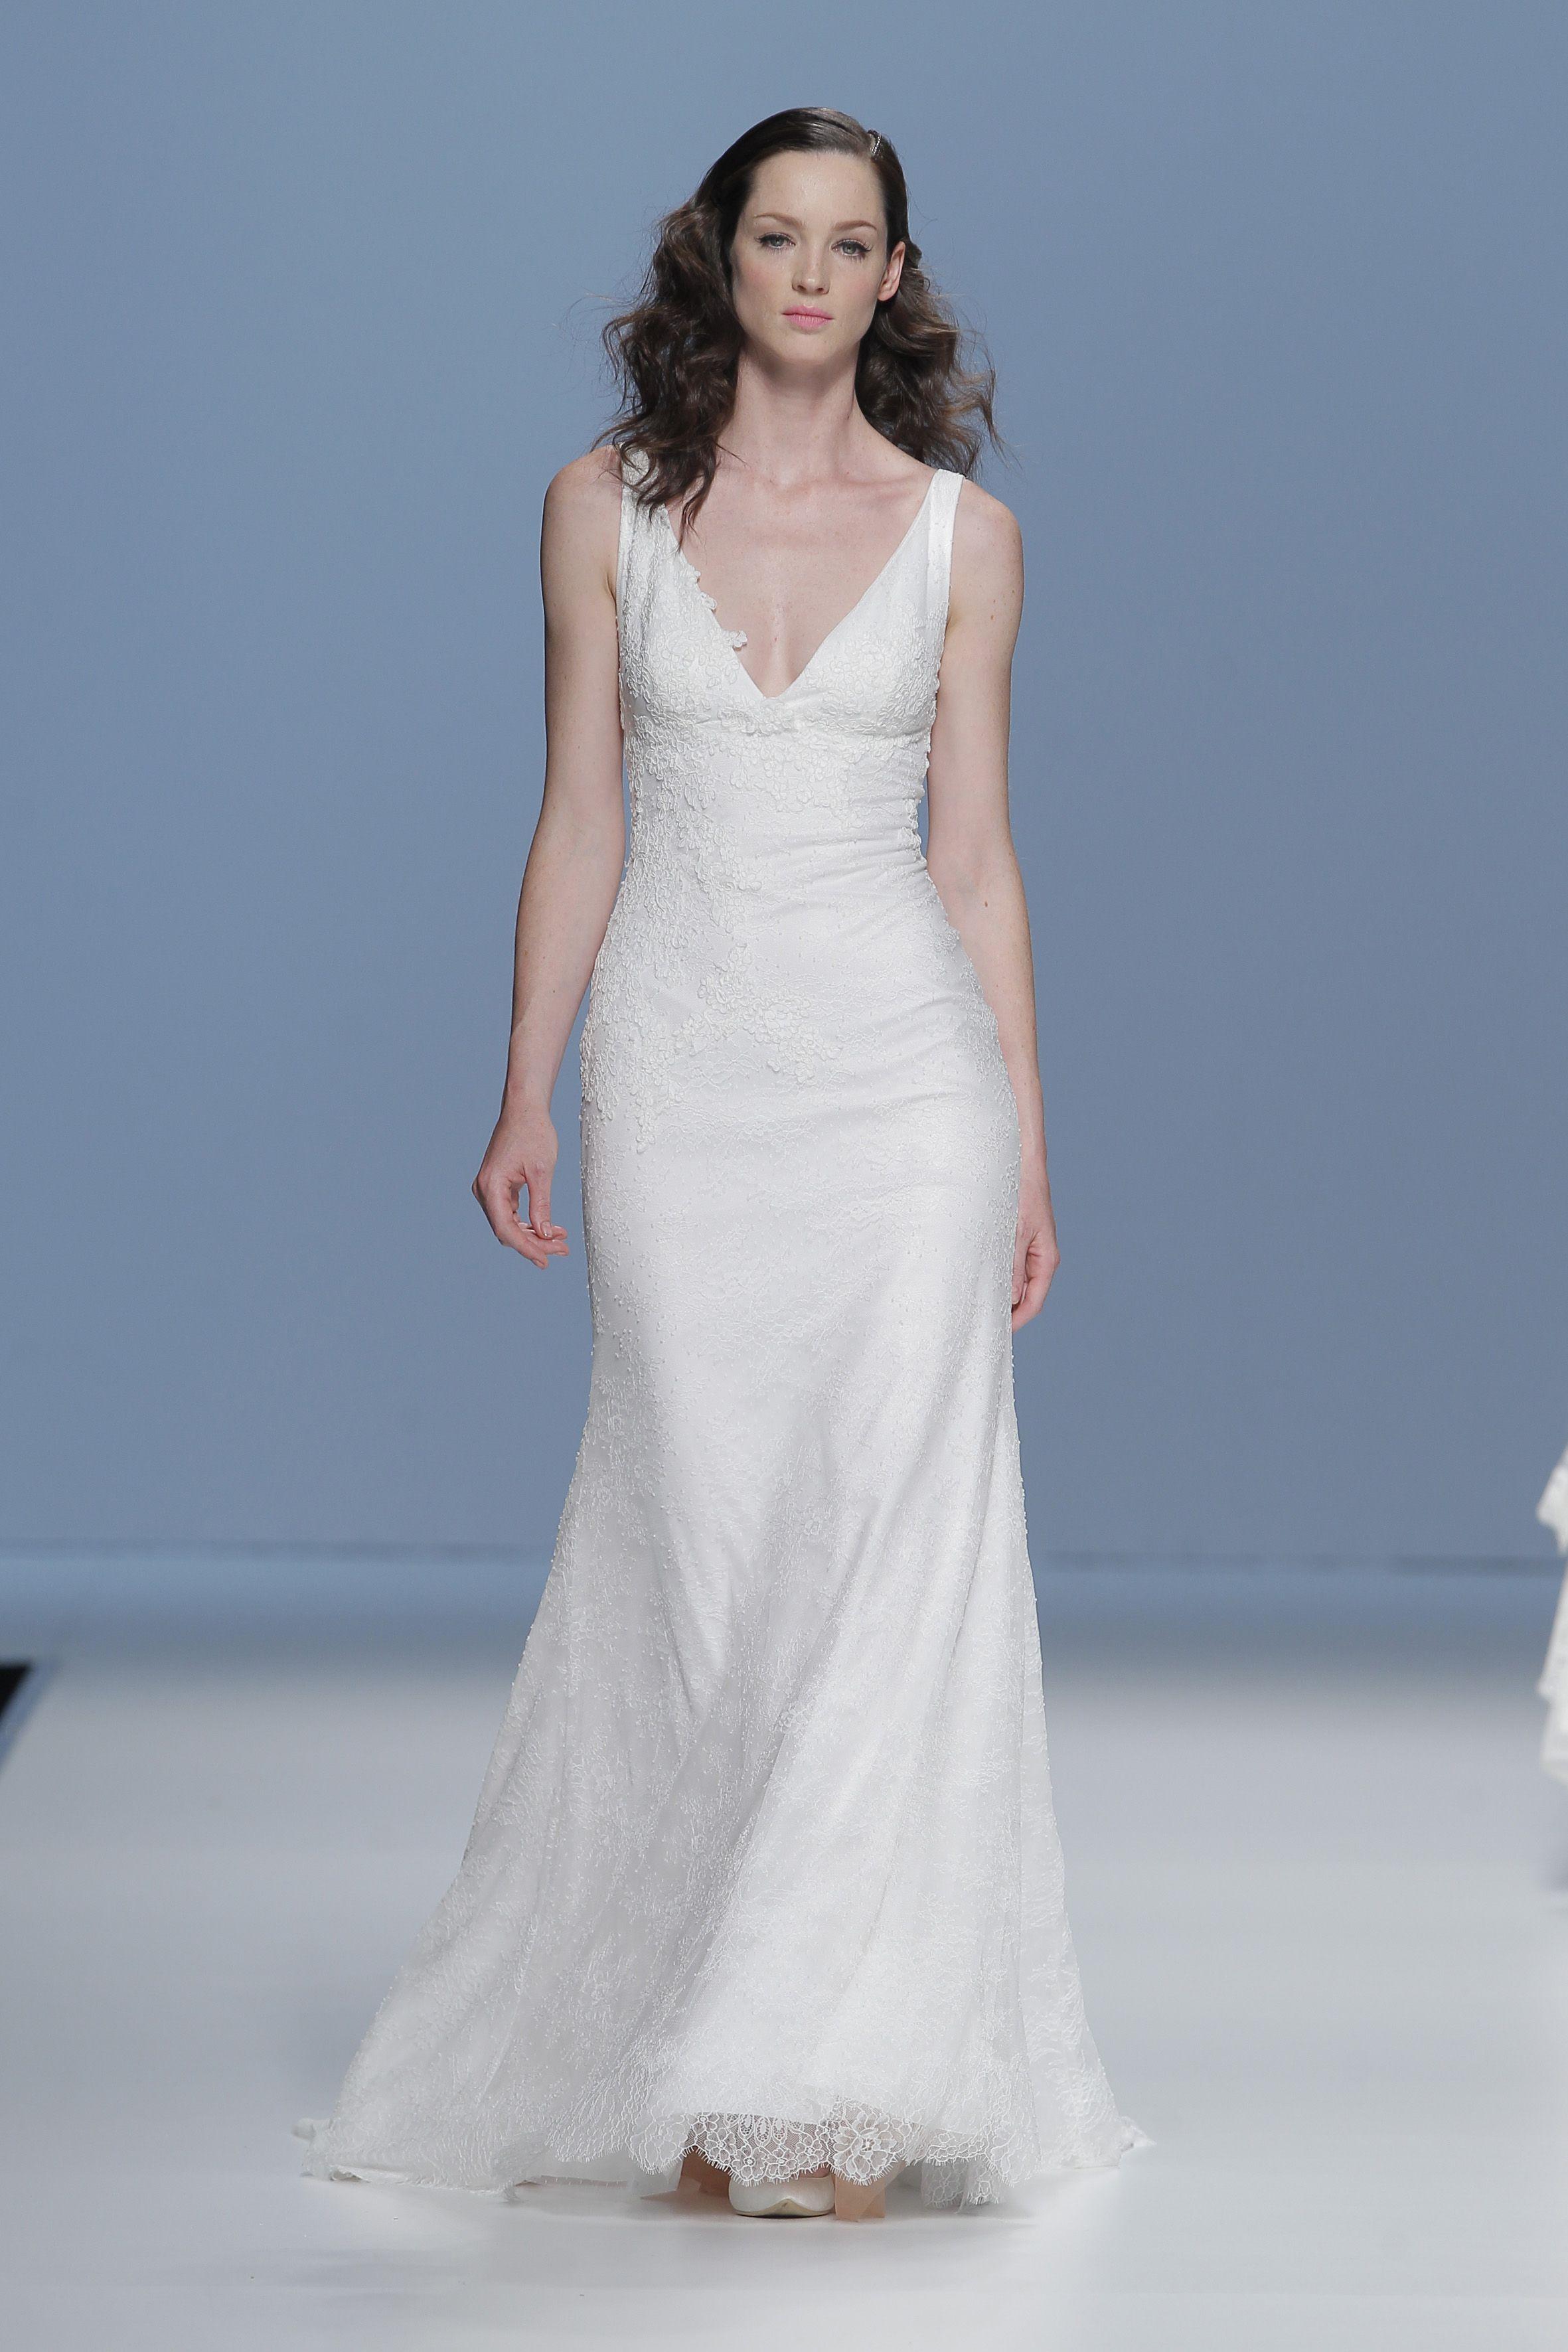 Vestido De Novia Cymbeline Coleccion 2015 [ 3543 x 2362 Pixel ]